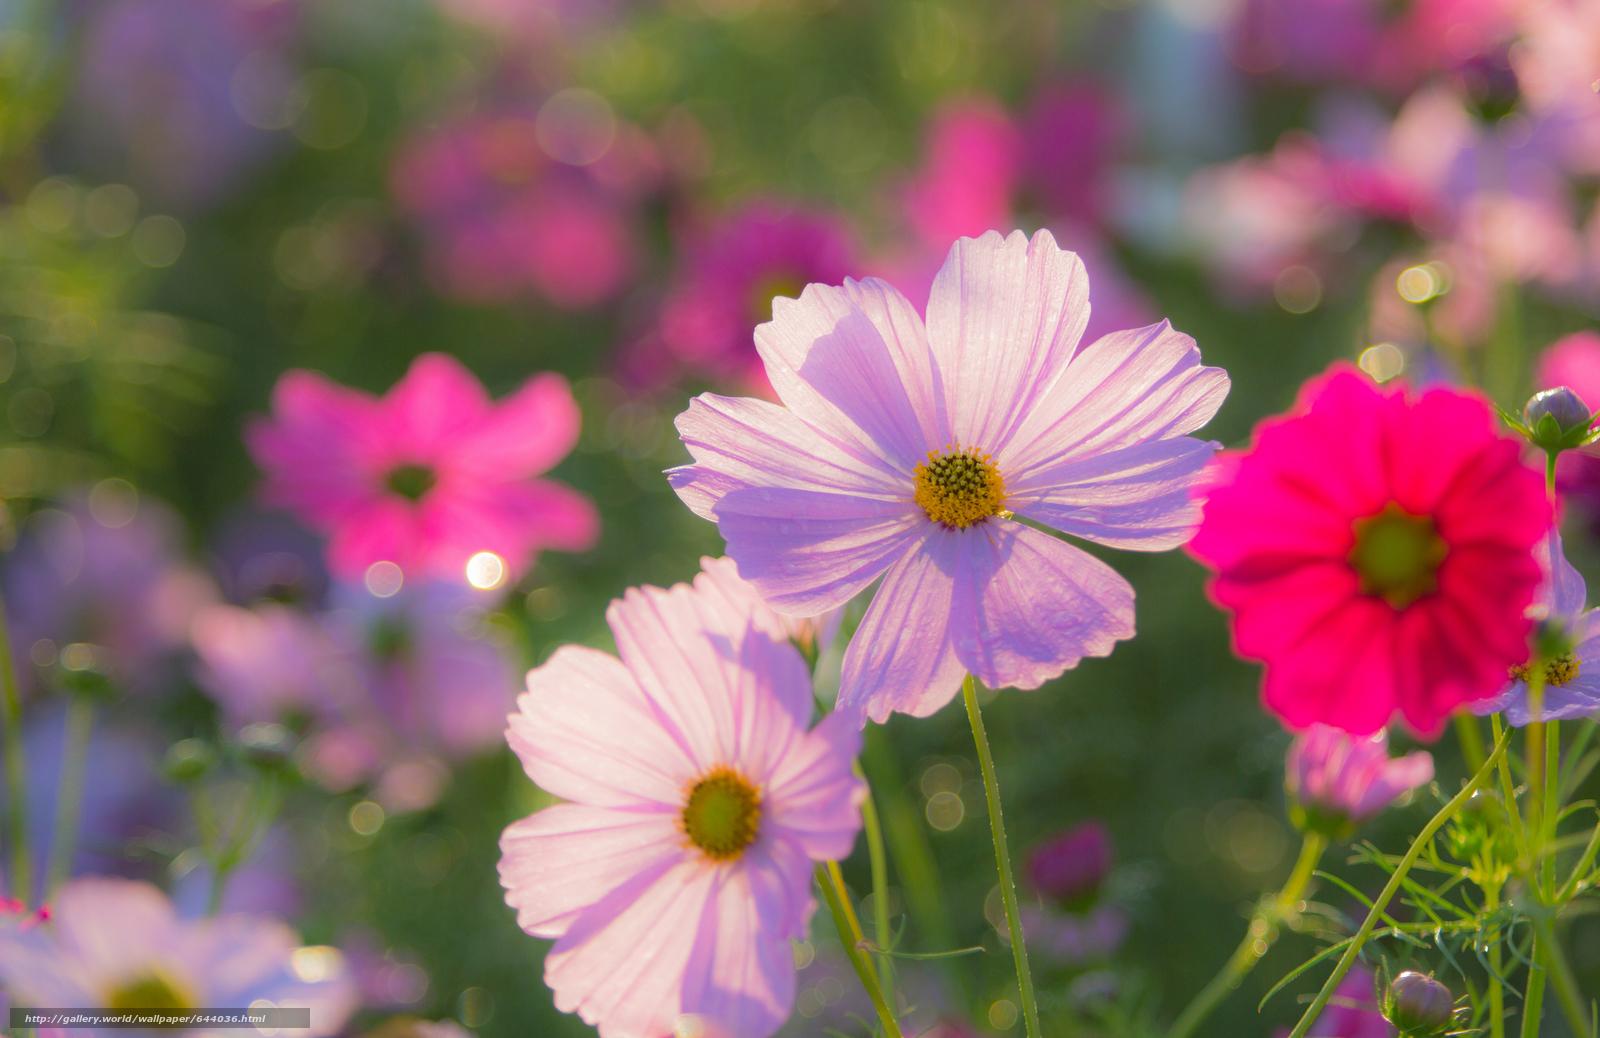 Скачать обои цветы,  цветок,  космея,  космеи бесплатно для рабочего стола в разрешении 2048x1329 — картинка №644036